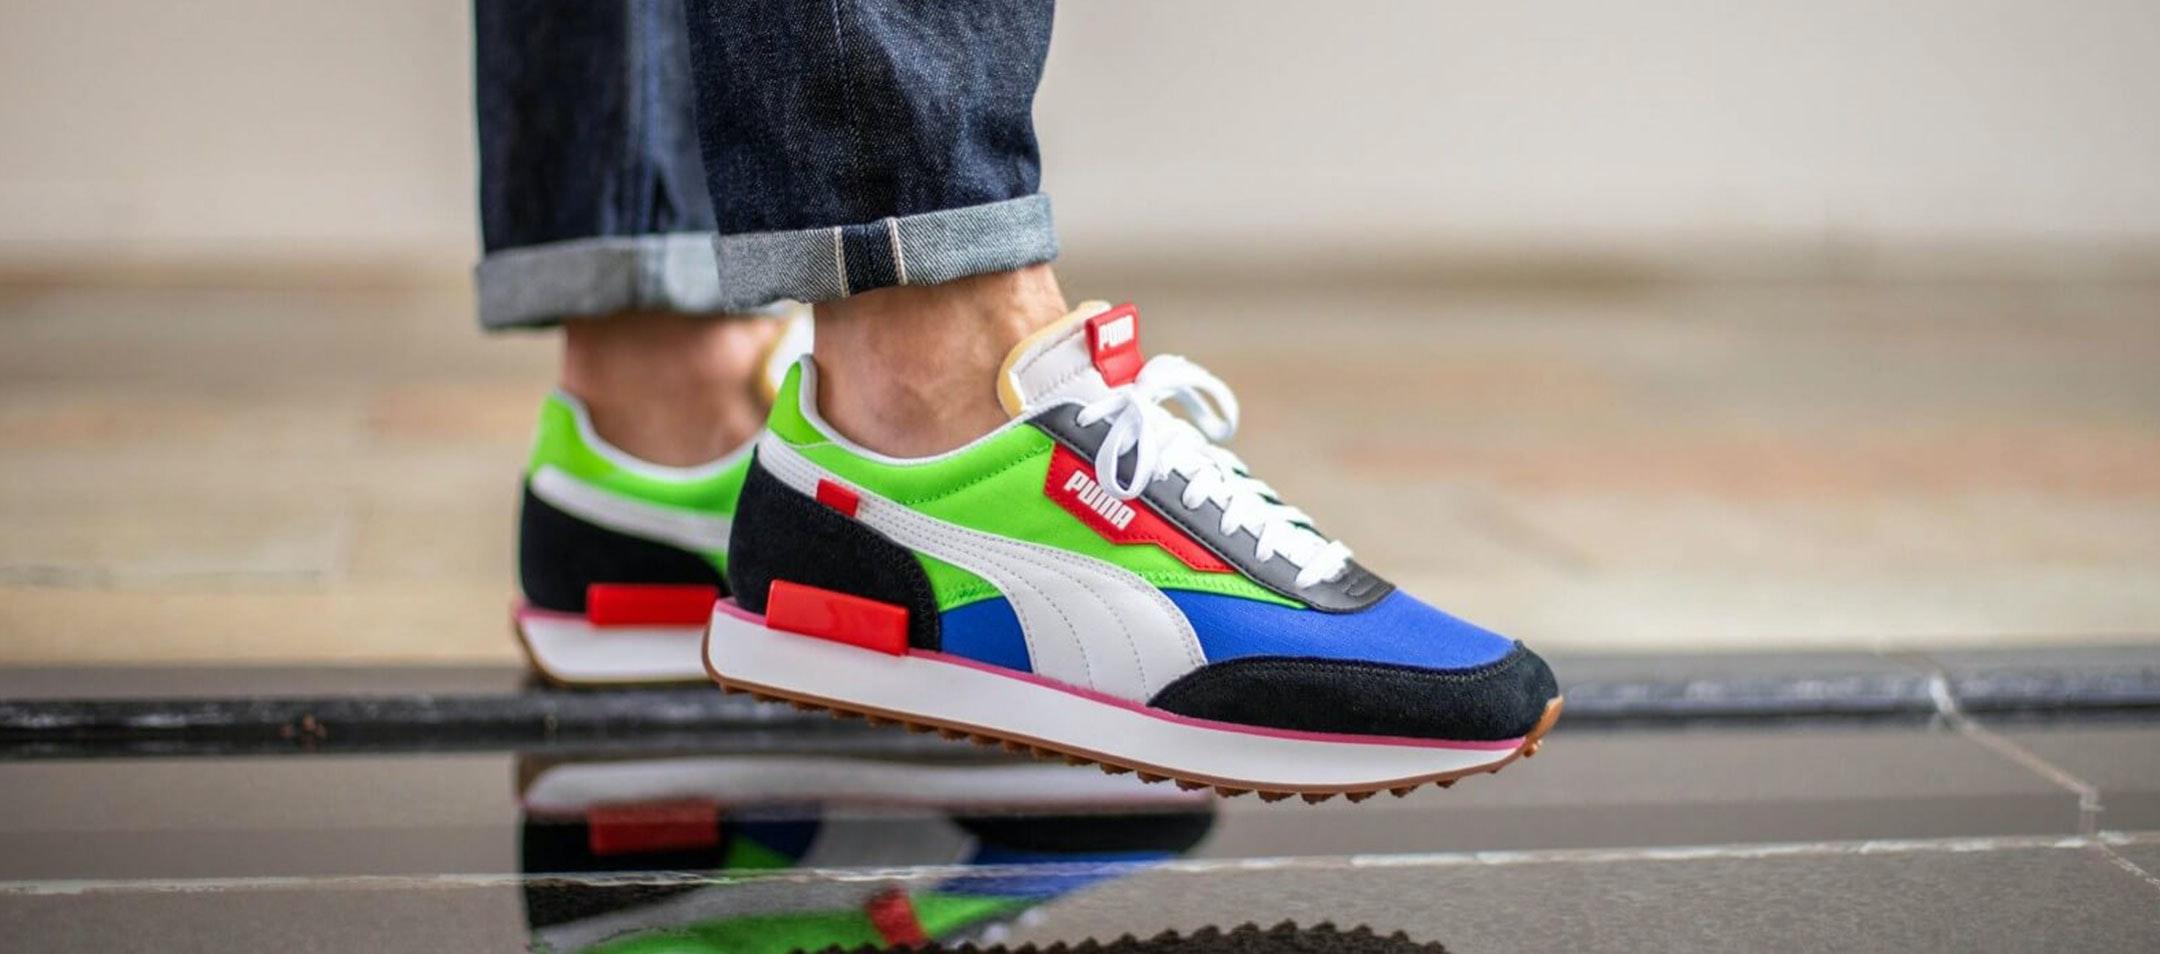 puma sneaker styles